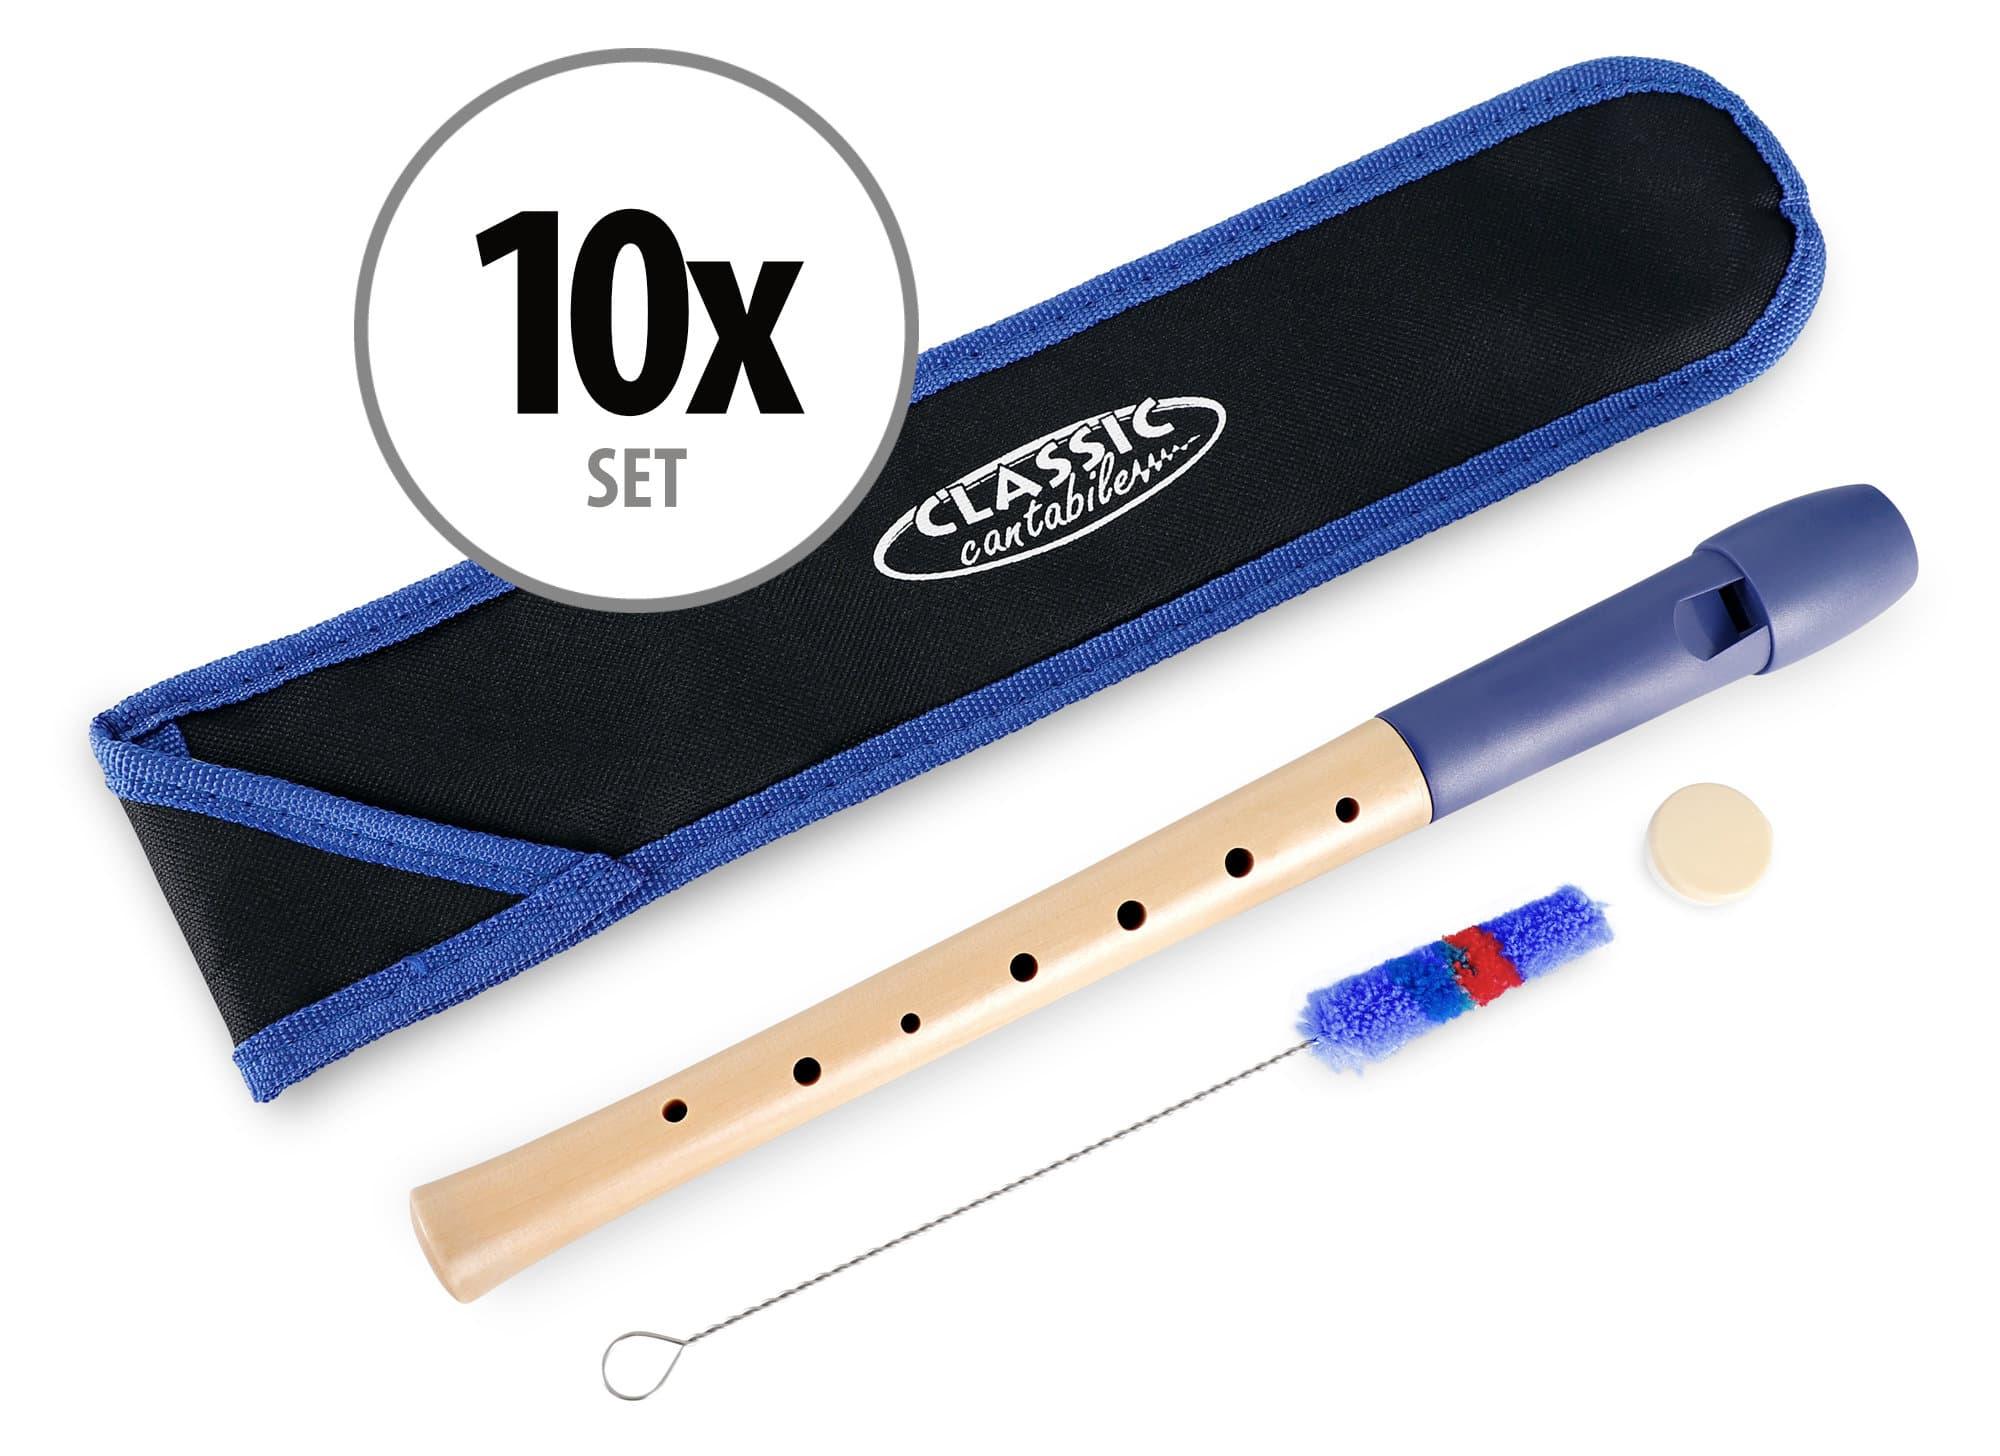 Sonstigeblasinstrumente - Classic Cantabile Pivella Blockflöte Blau, deutsche Griffweise 10er Set - Onlineshop Musikhaus Kirstein